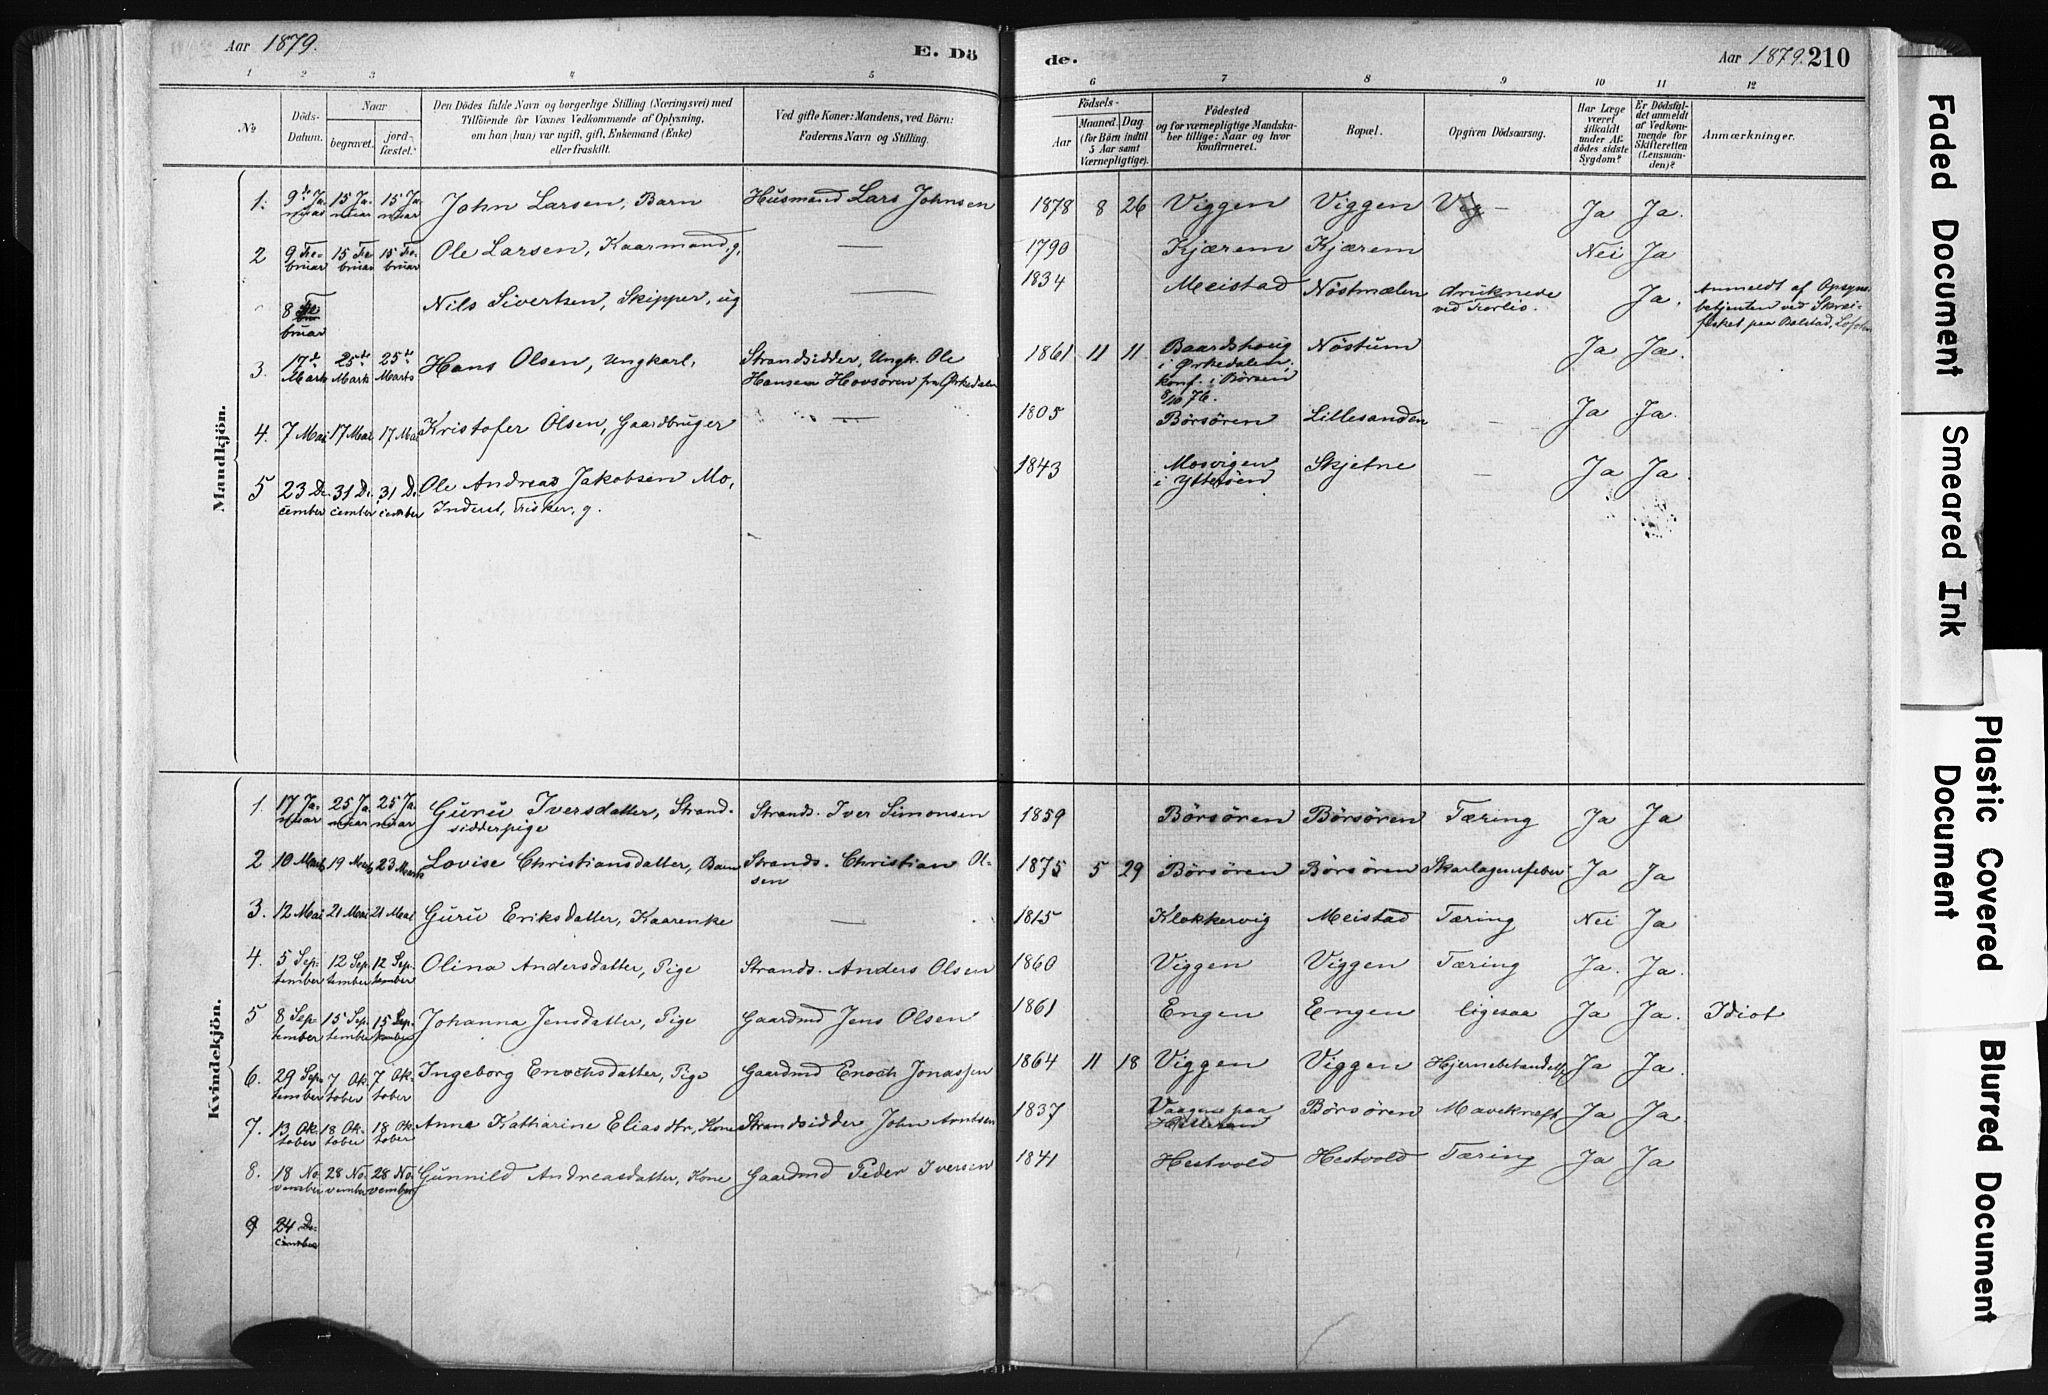 SAT, Ministerialprotokoller, klokkerbøker og fødselsregistre - Sør-Trøndelag, 665/L0773: Ministerialbok nr. 665A08, 1879-1905, s. 210